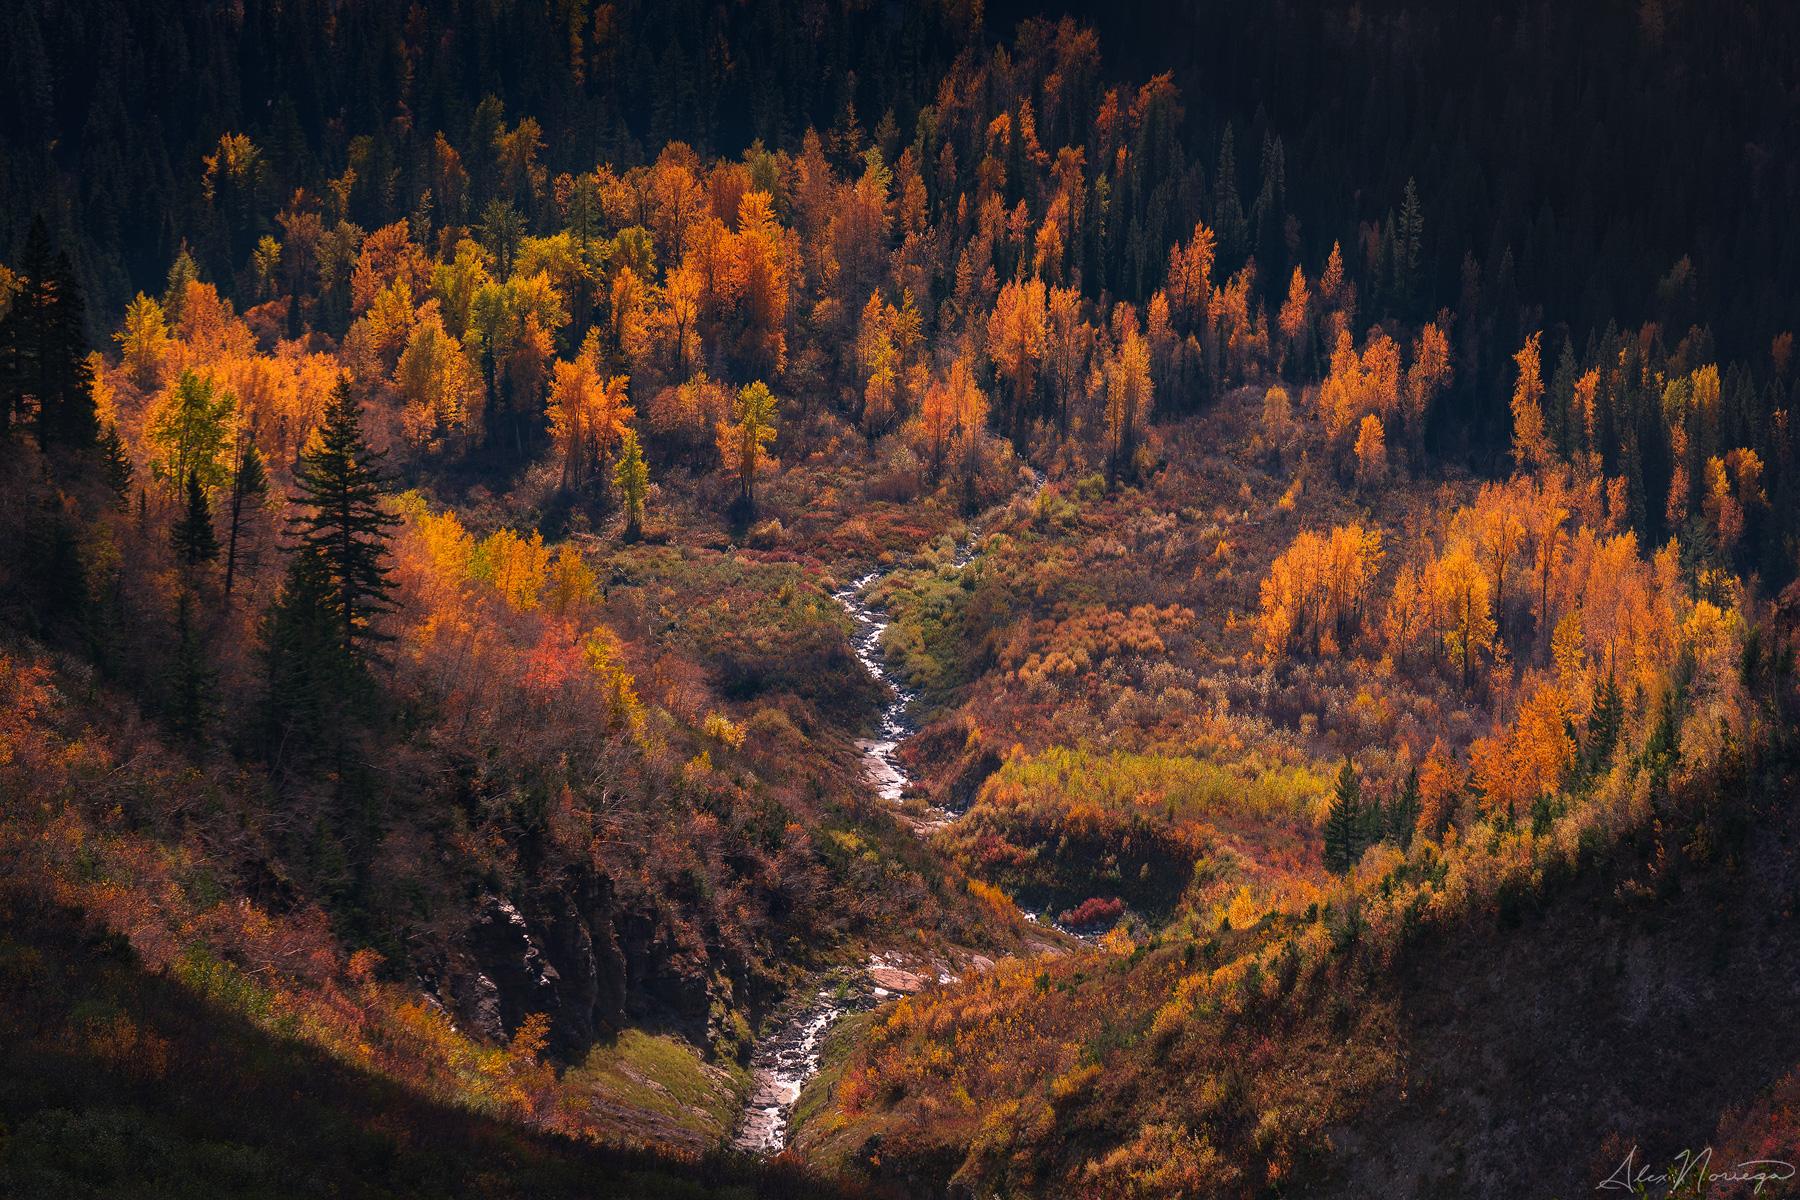 Autumn Amphitheater